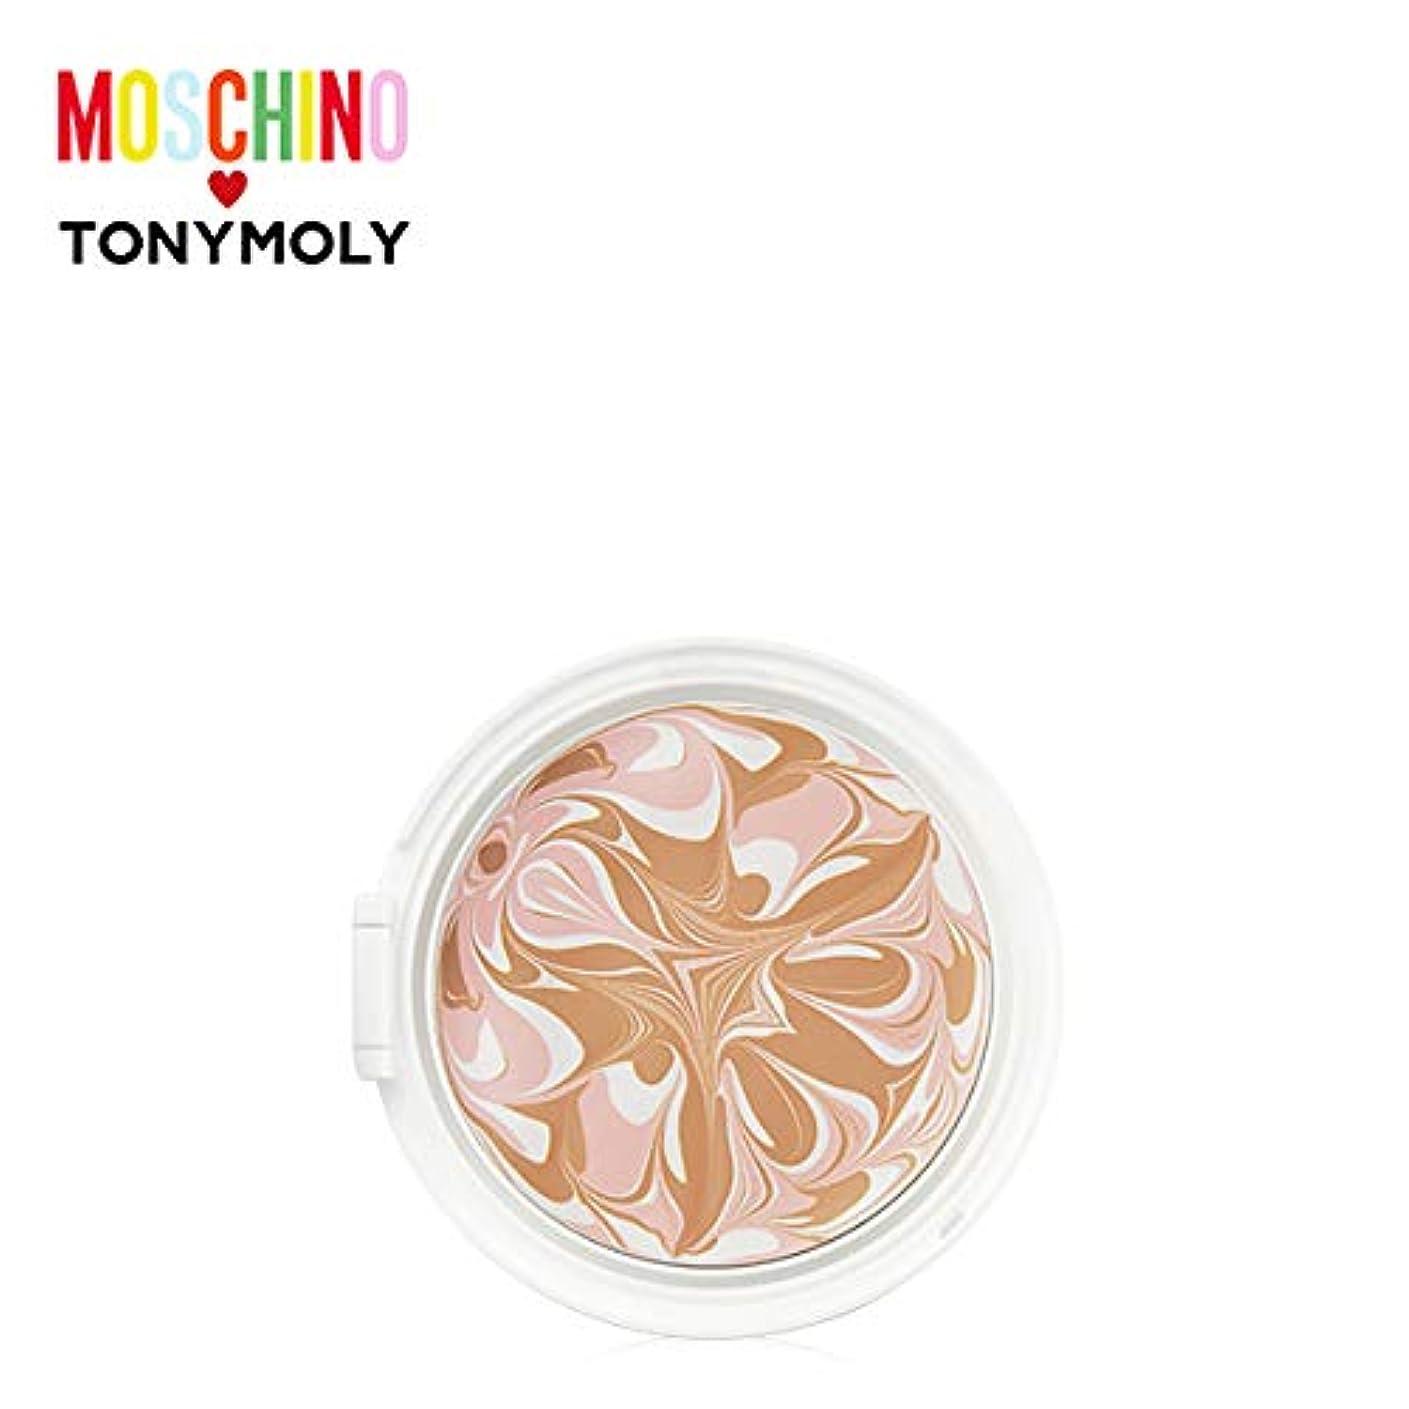 偉業セットアップみがきますTONYMOLY [MOSCHINO] Chic Skin Essence Pact -Refill #01 CHIC VANILLA トニーモリー [モスキーノ] シック スキン エッセンス パクト -リフィル [詰め...